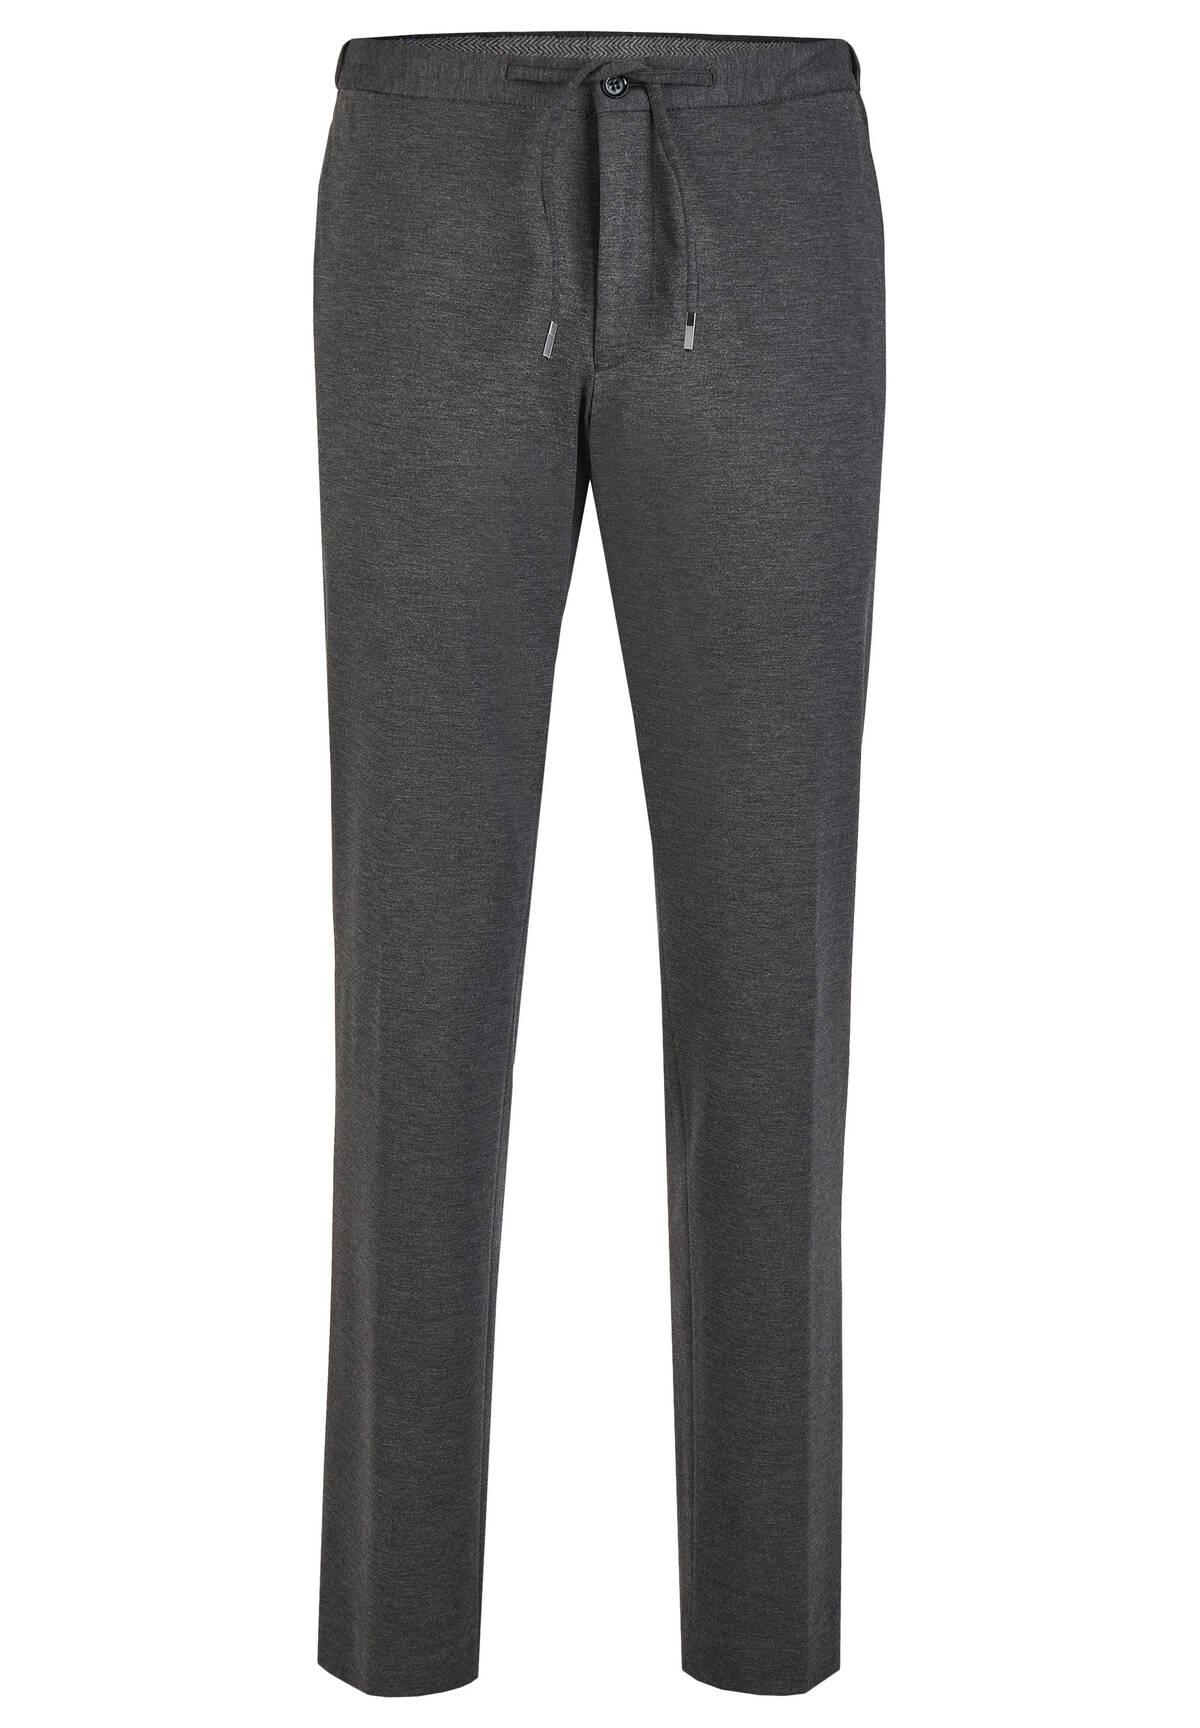 Pantalon DH-XTENSION /